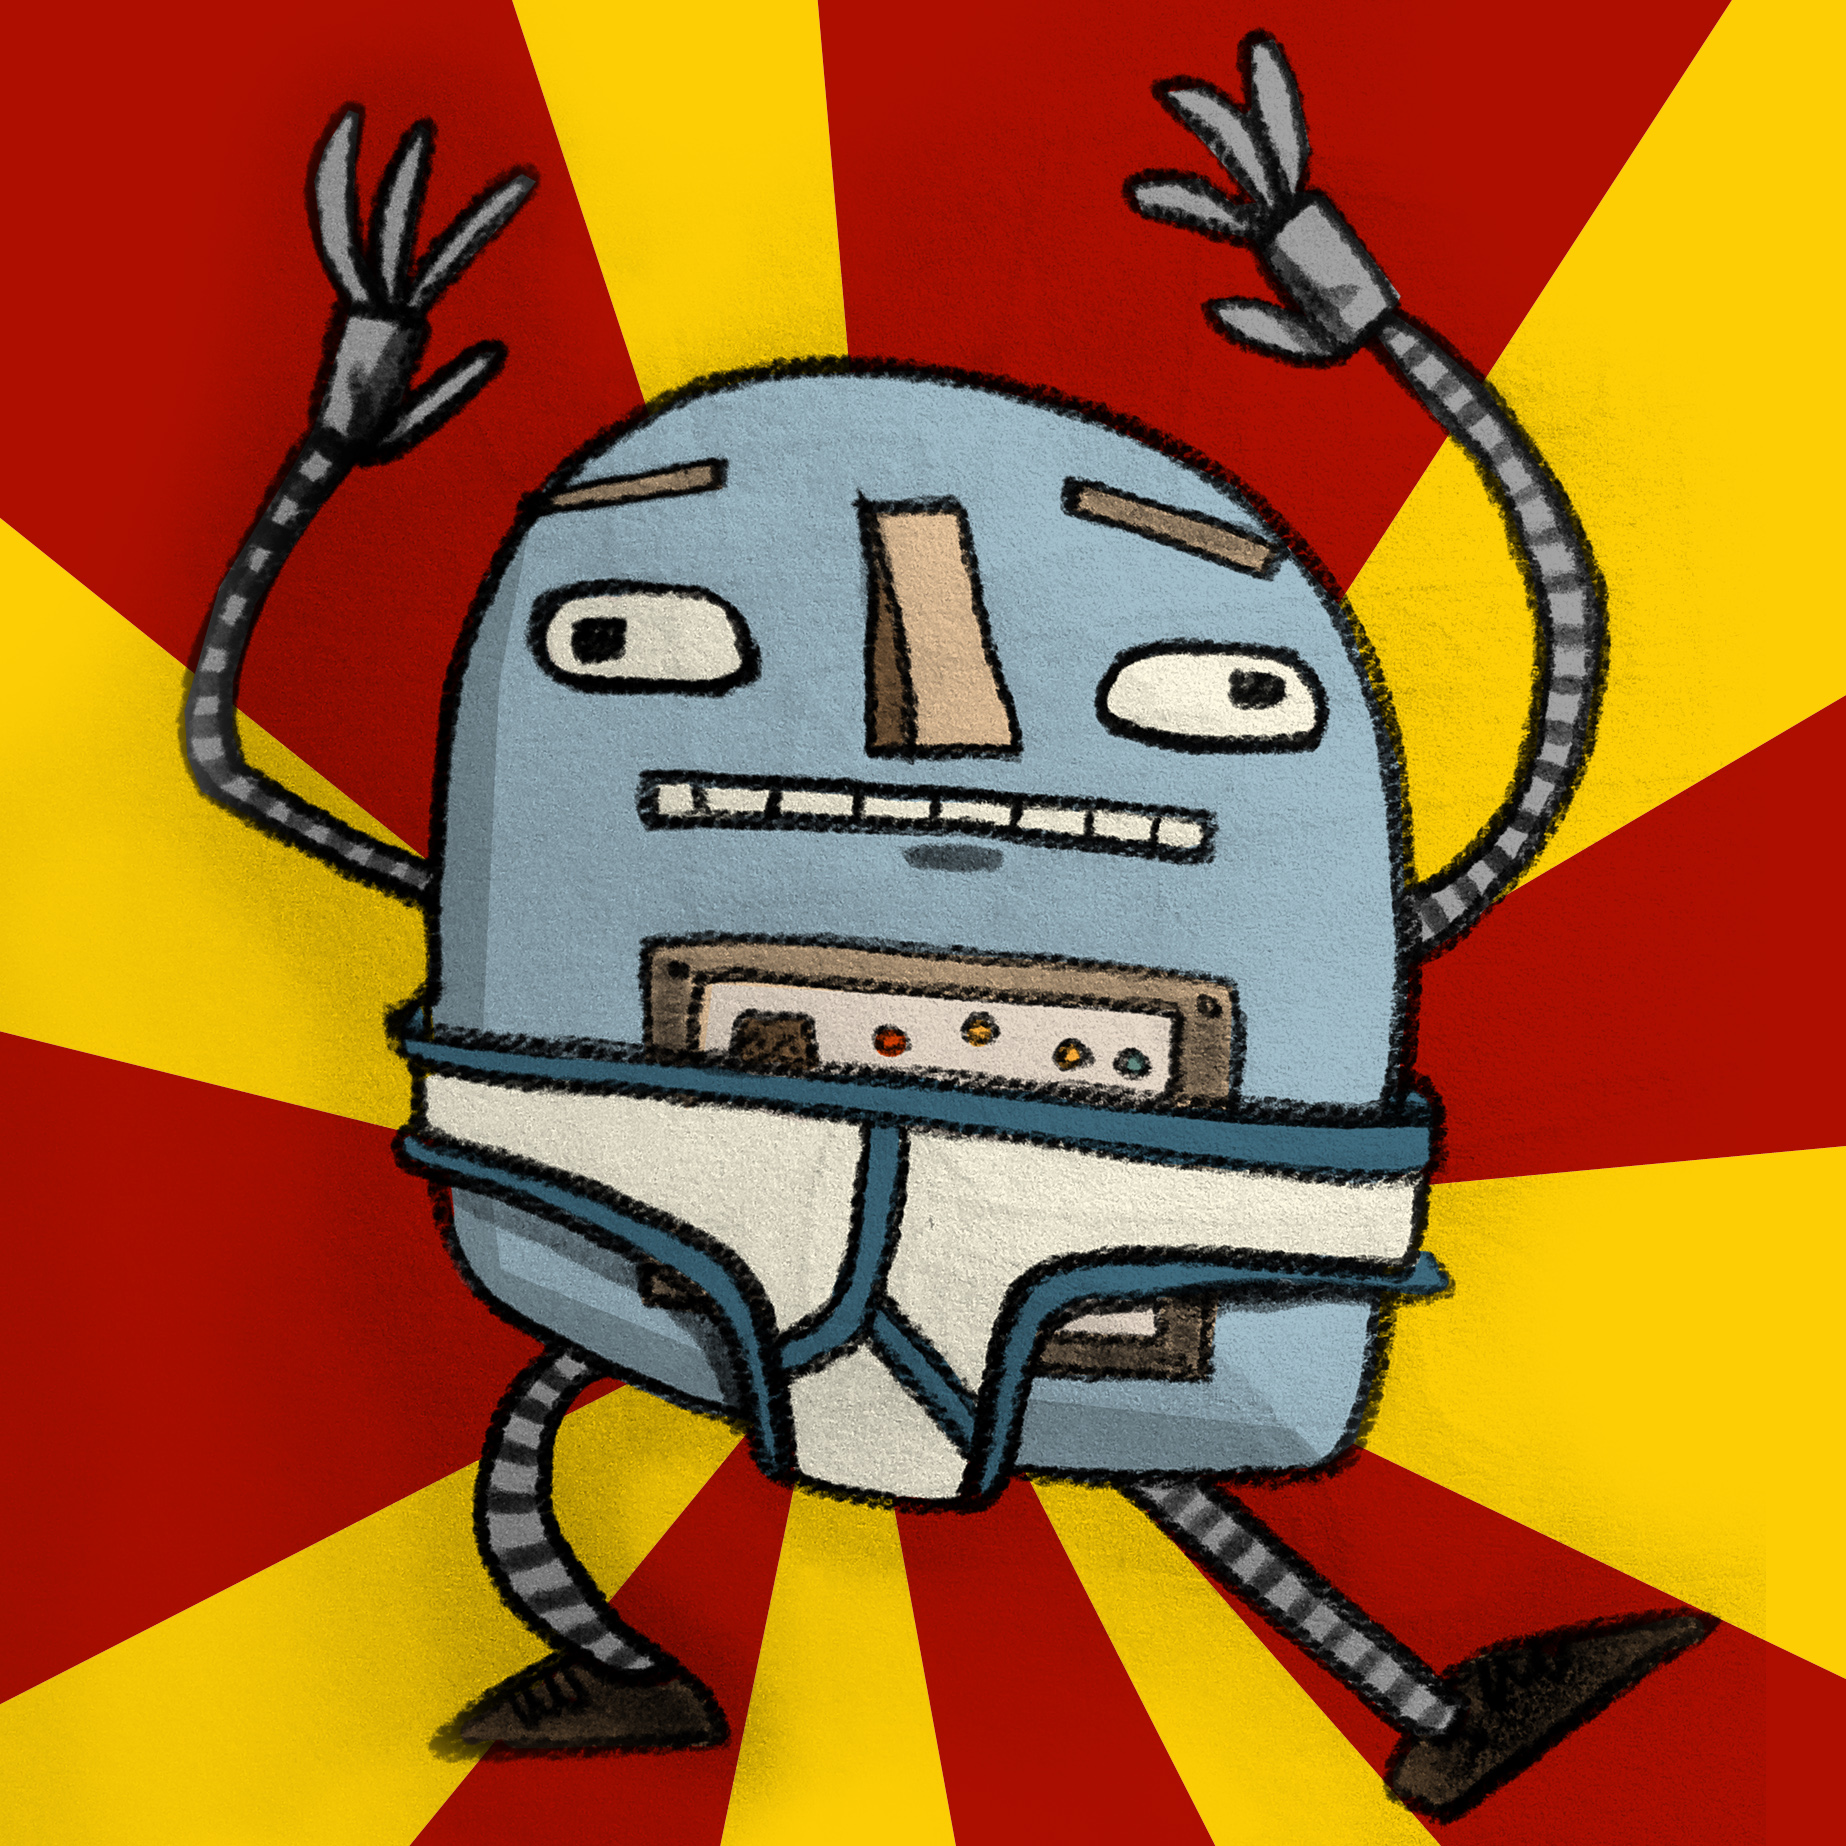 pants-bot